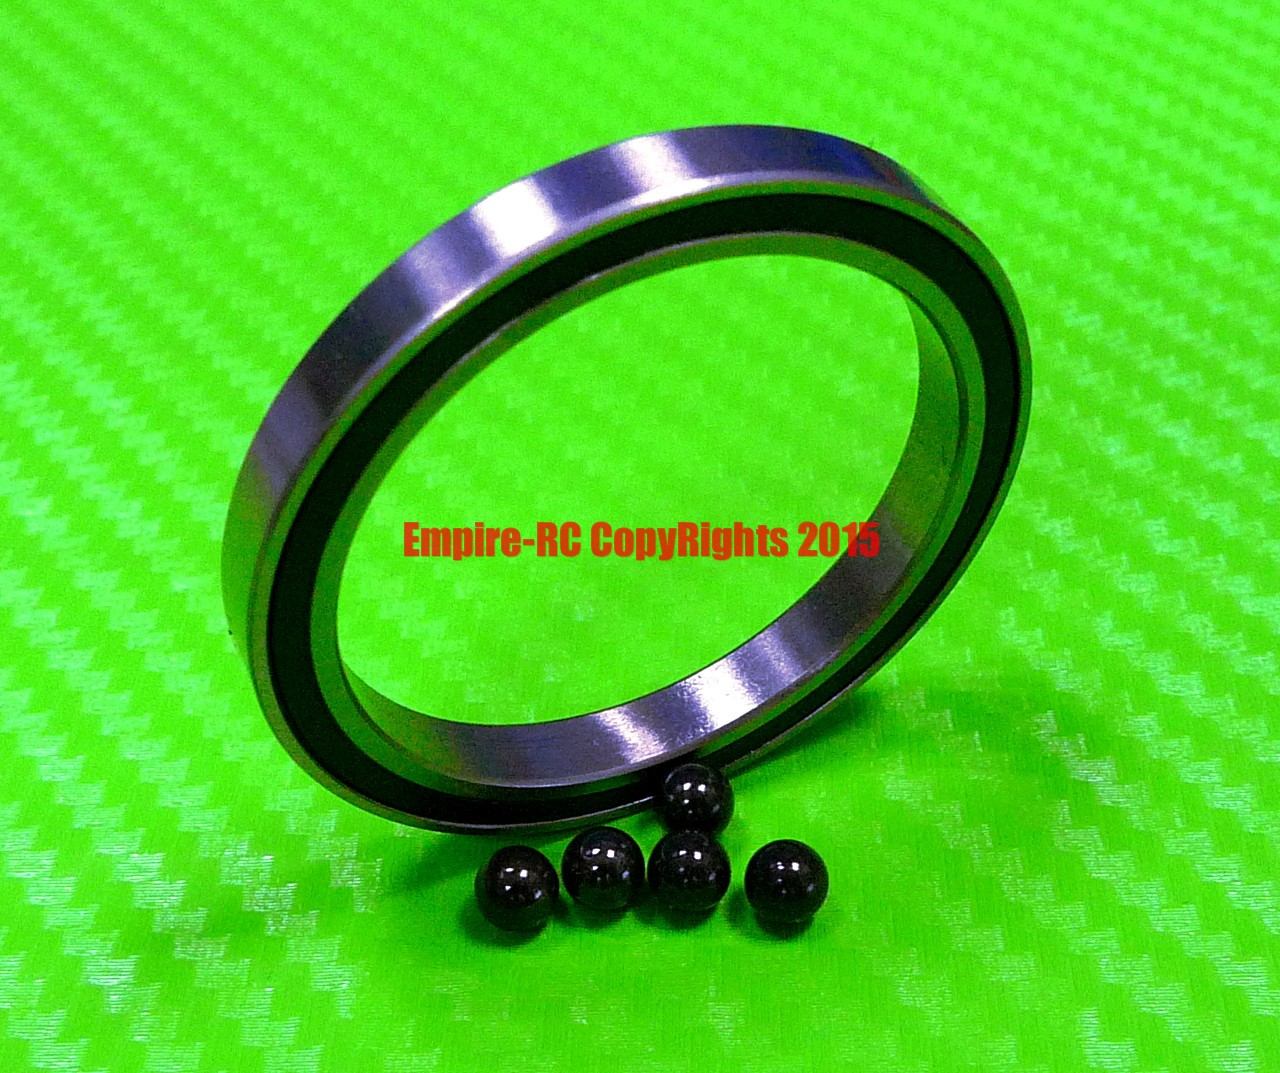 12x18x4 mm 6701-2RS Hybrid Ceramic Rubber Ball Bearing Bearings 6701RS QTY10